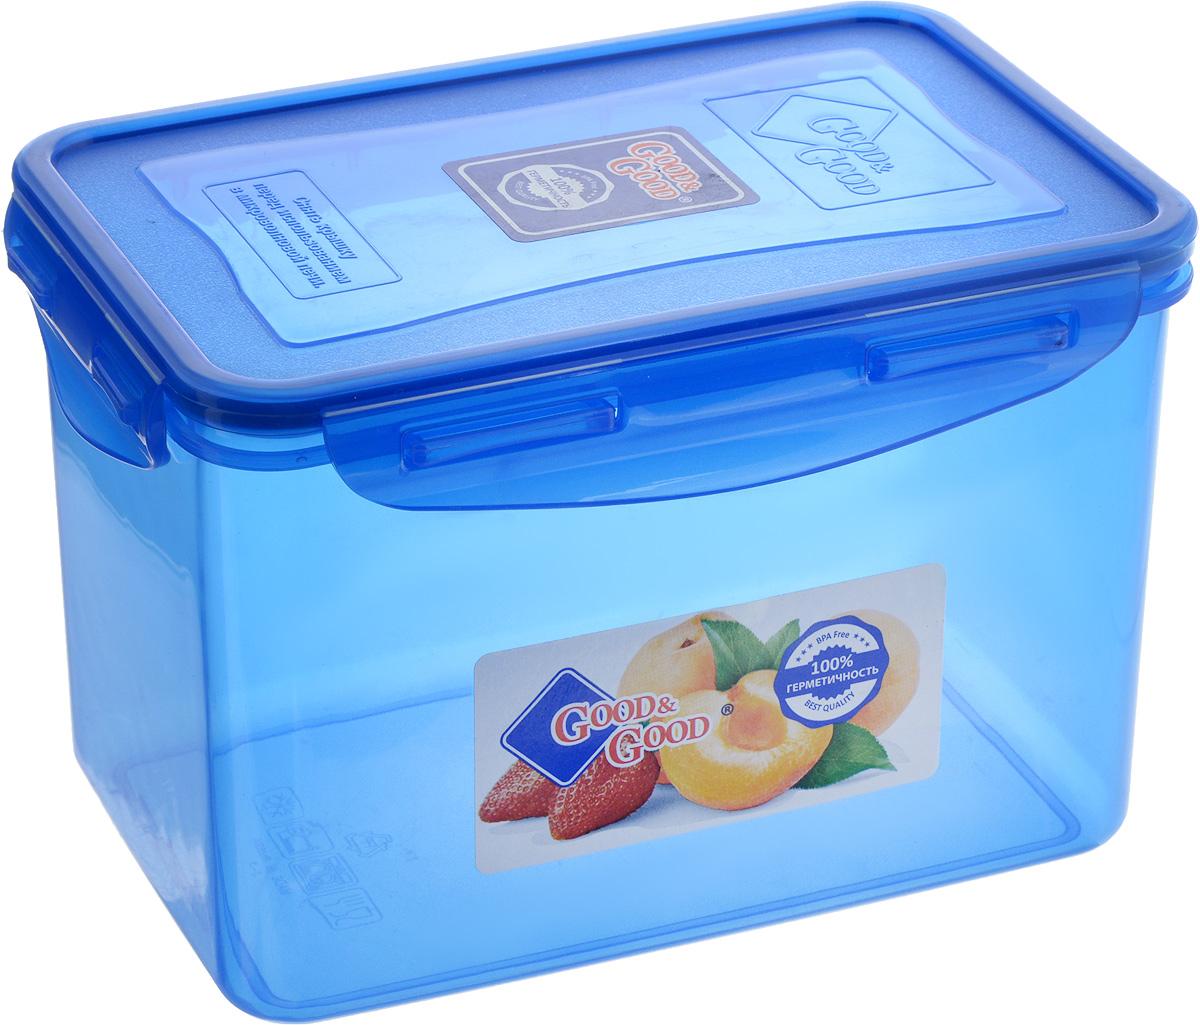 Контейнер пищевой Good&Good, цвет: синий, 2,2 л3-3/COLORS_синийПрямоугольный контейнер Good&Good изготовлен из высококачественного полипропилена и предназначен для хранения любых пищевых продуктов. Благодаря особым технологиям изготовления, лотки в течение времени службы не меняют цвет и не пропитываются запахами. Крышка с силиконовой вставкой герметично защелкивается специальным механизмом. Контейнер Good&Good удобен для ежедневного использования в быту. Можно мыть в посудомоечной машине и использовать в микроволновой печи. Размер контейнера (с учетом крышки): 20 х 13,5 х 13 см.